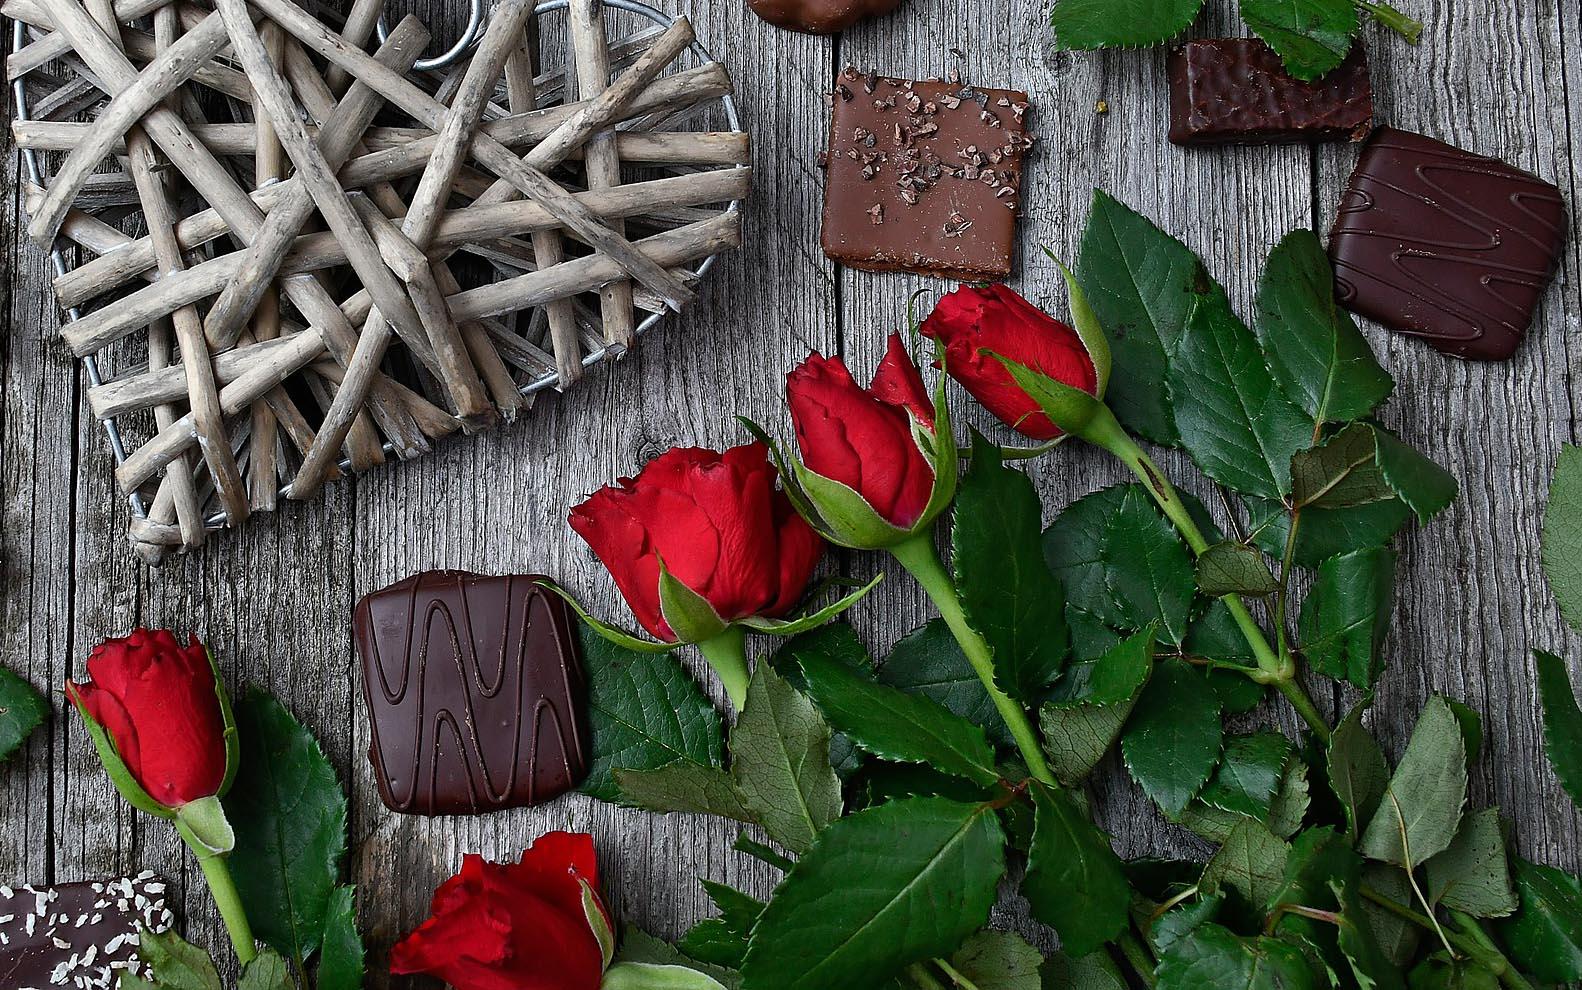 ハイカカオチョコレートの栄養効果・ギフトにおすすめのブランドも紹介